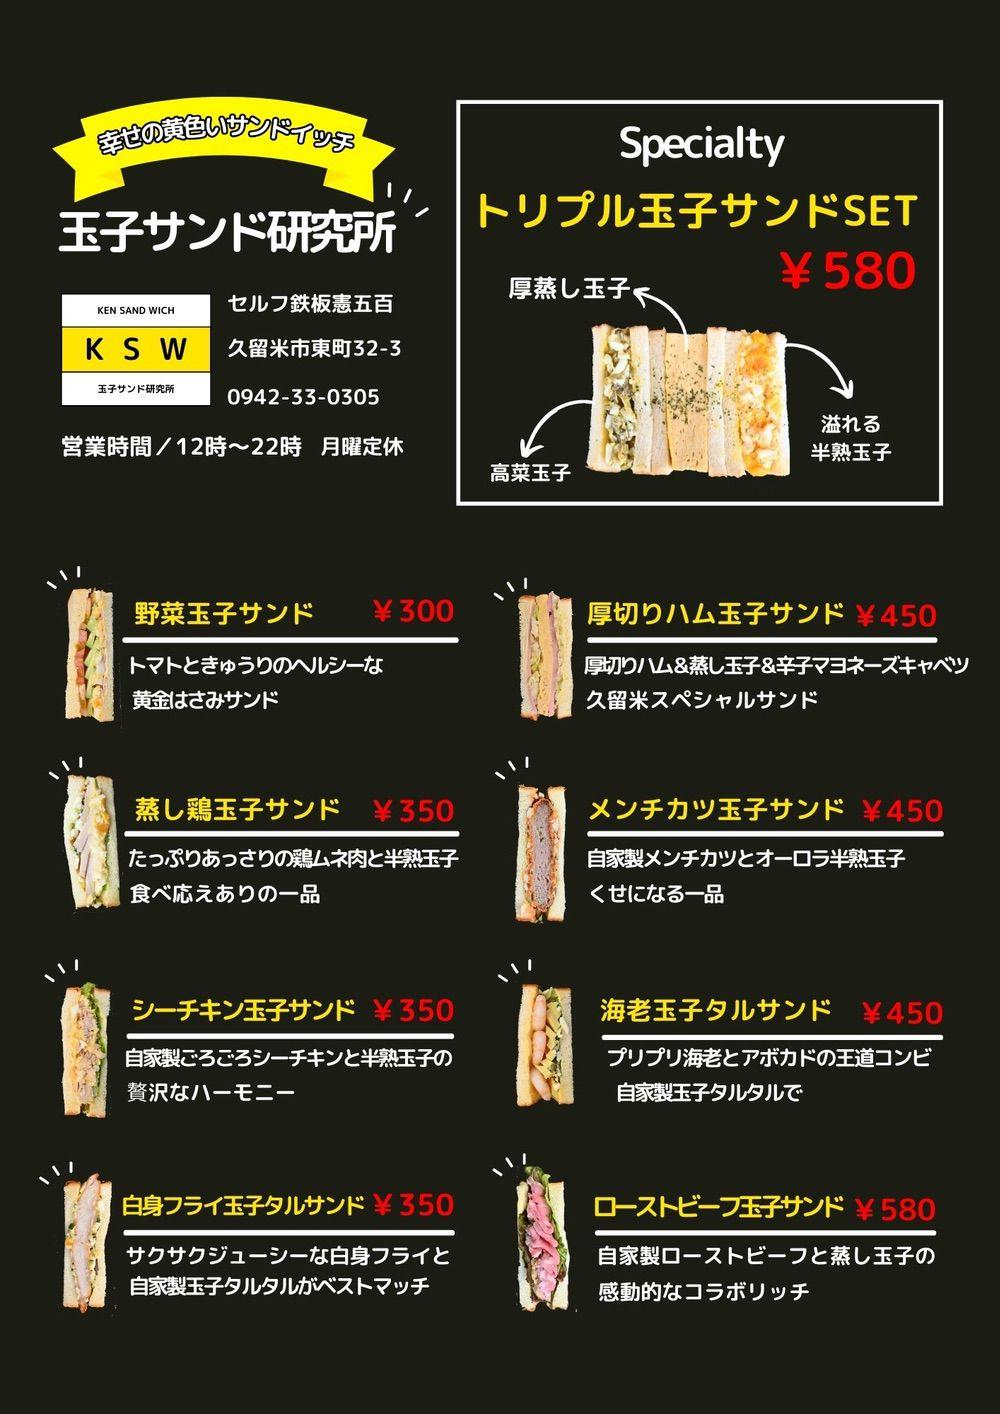 KEN SANDWICH 玉子サンド研究所 サンドイッチメニュー表